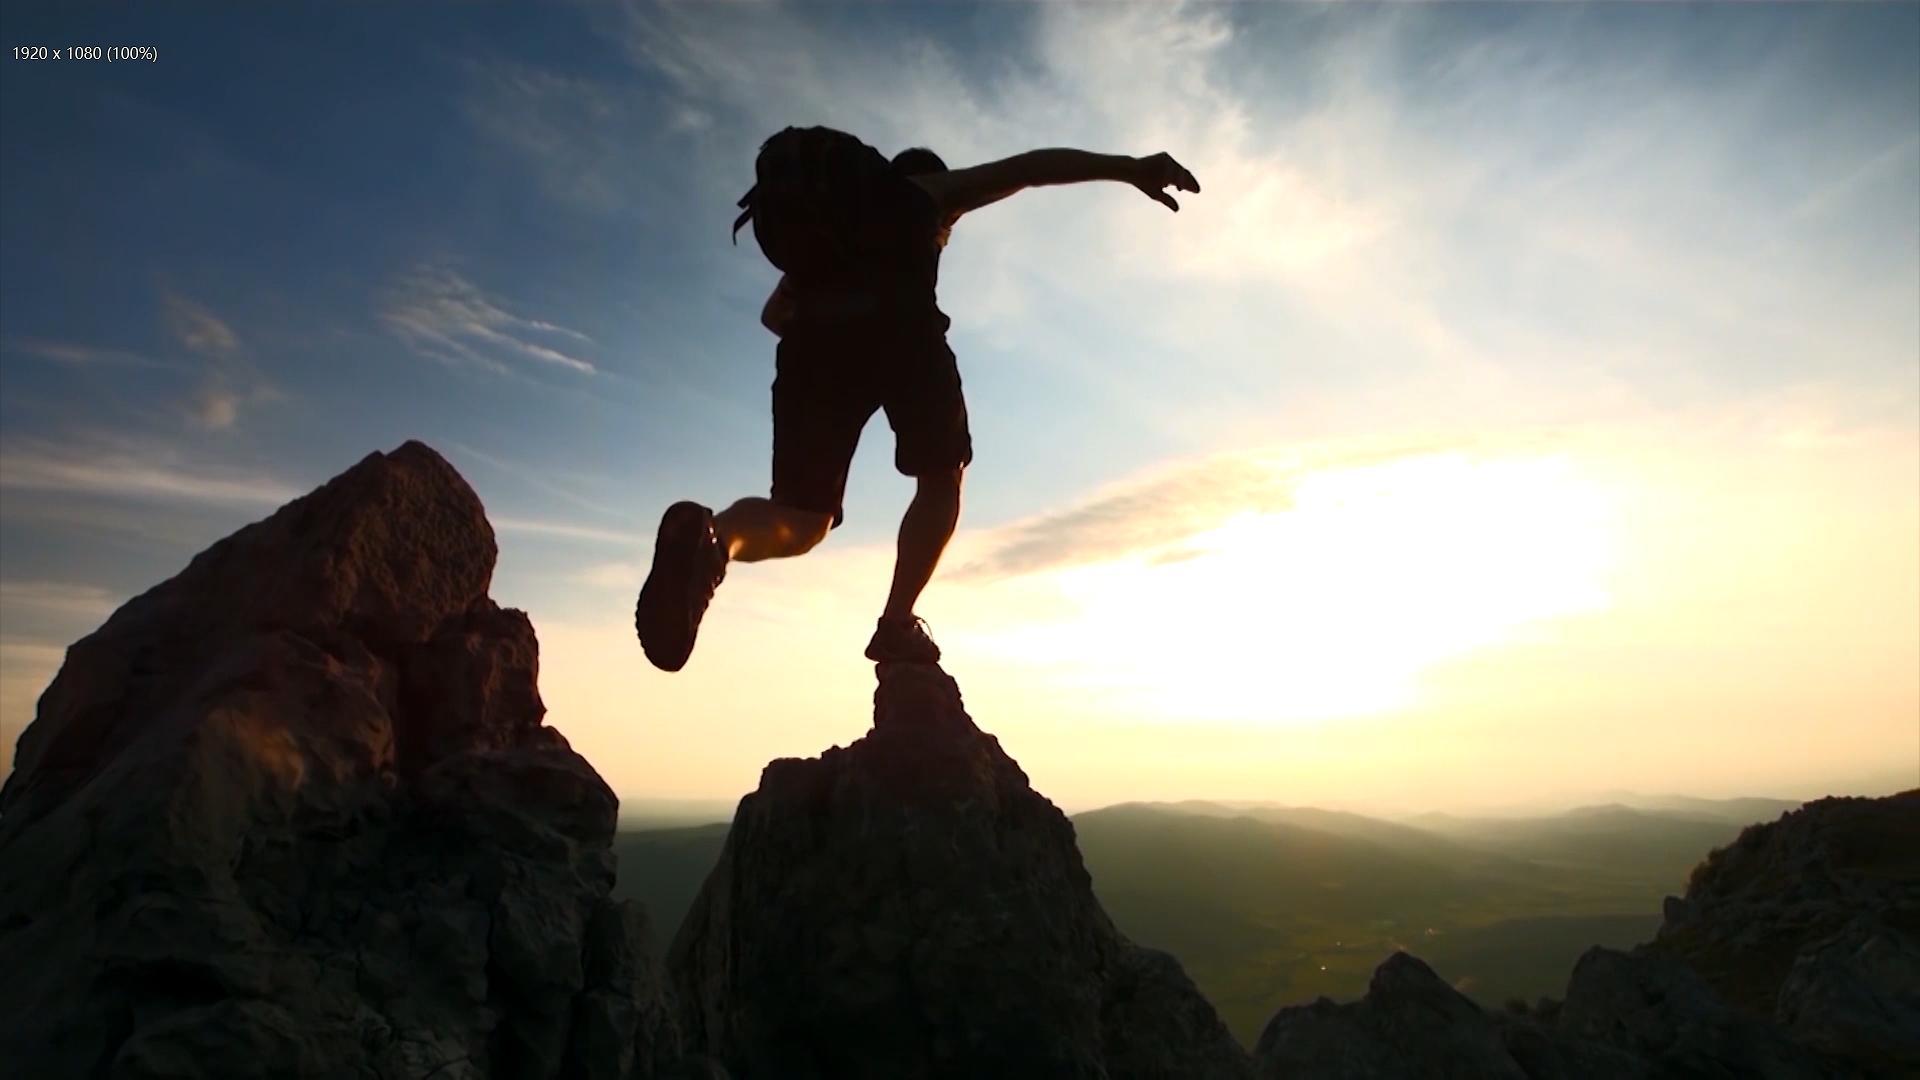 梦想前行企业文化团队共赢励志困难登山奔跑